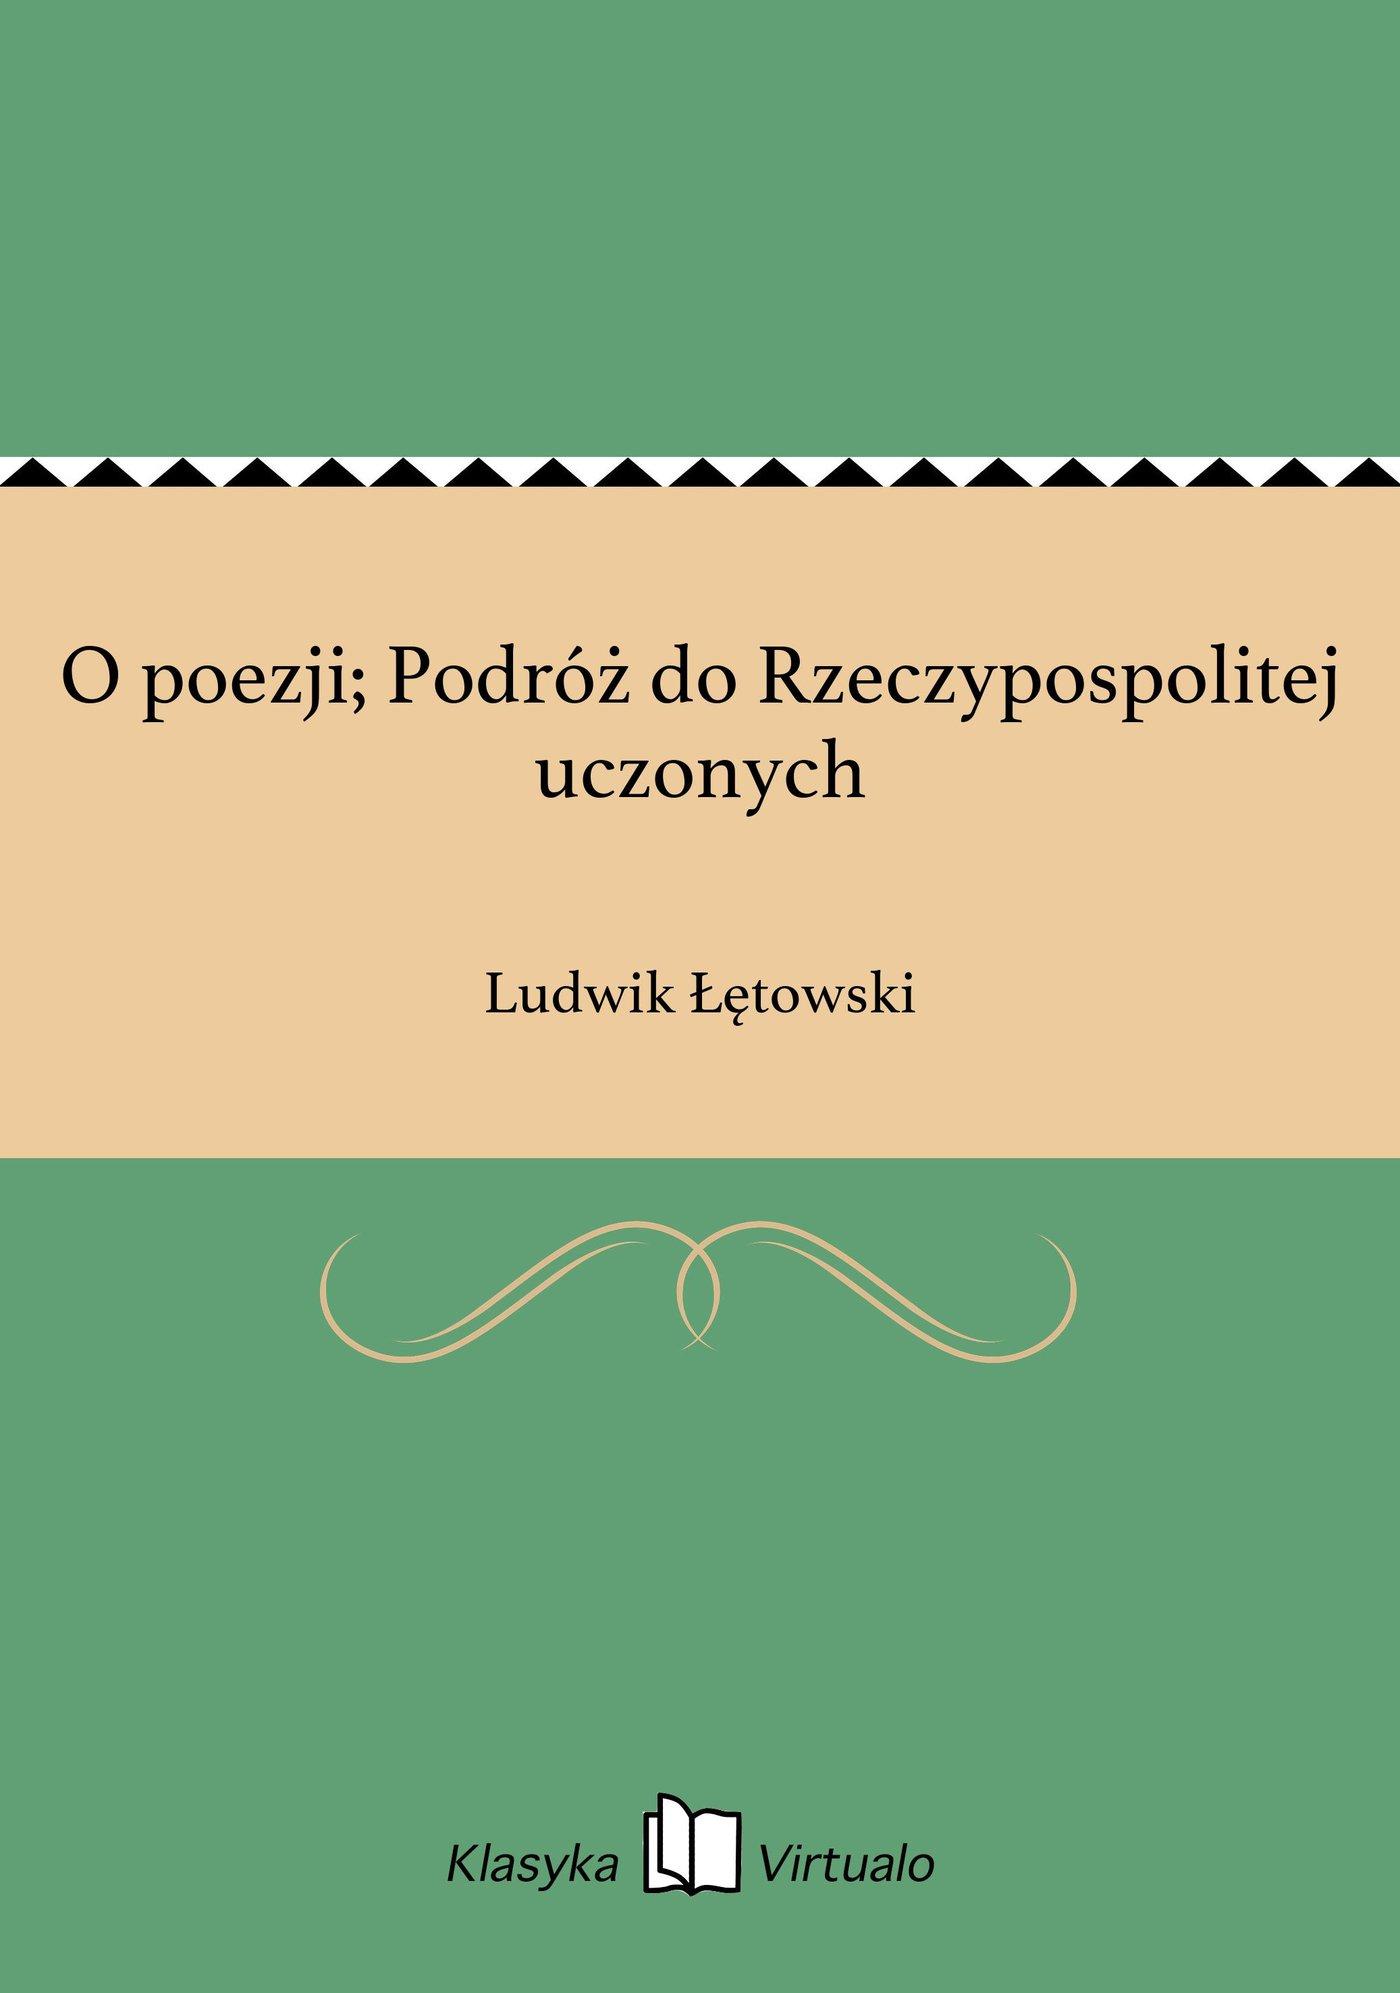 O poezji; Podróż do Rzeczypospolitej uczonych - Ebook (Książka na Kindle) do pobrania w formacie MOBI